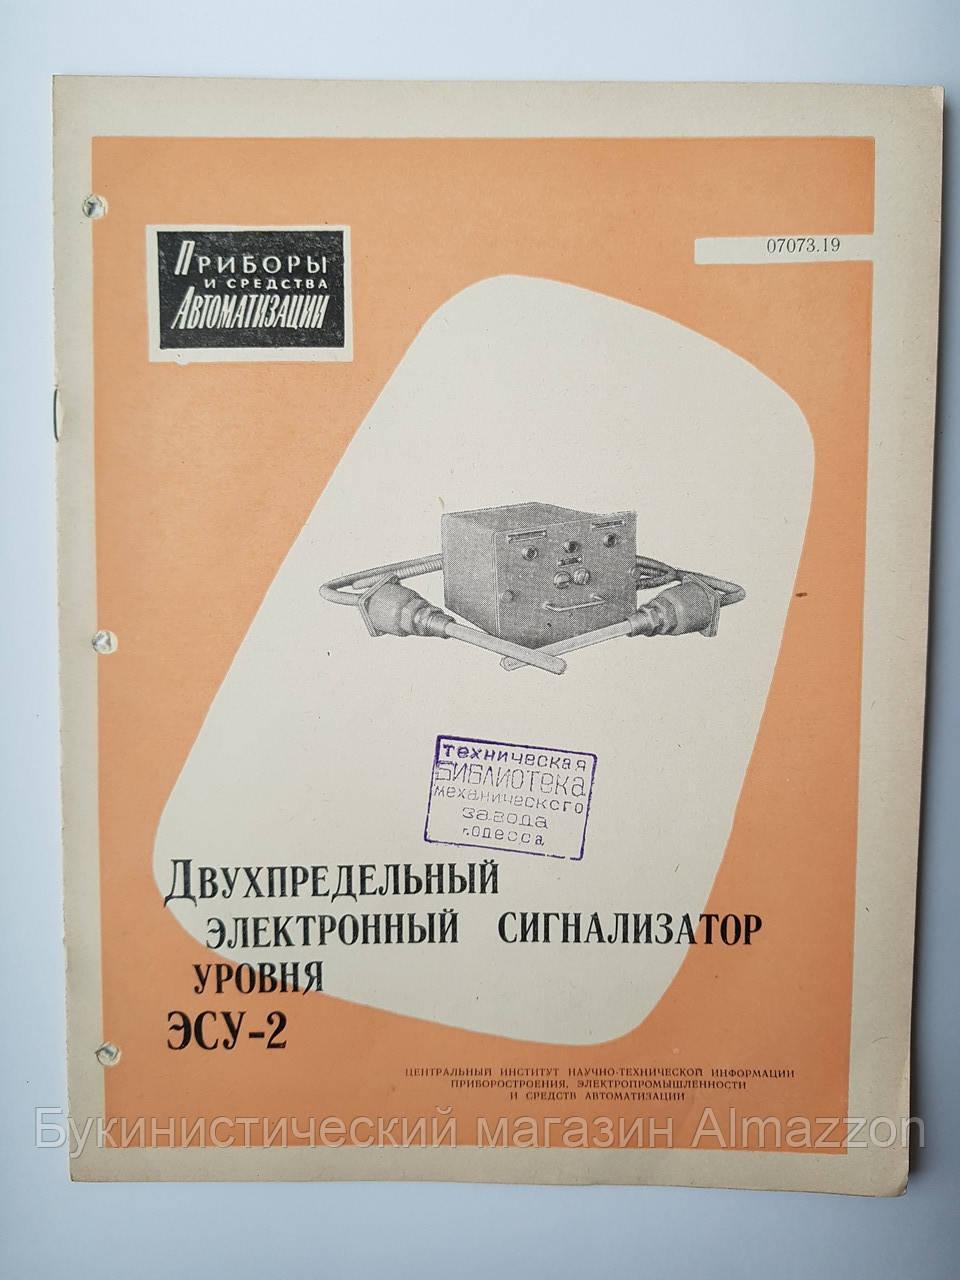 """Журнал (Бюллетень) """"Двухпредельный электронный сигнализатор уровня ЭСУ-2  07073.19"""" 1963 г"""